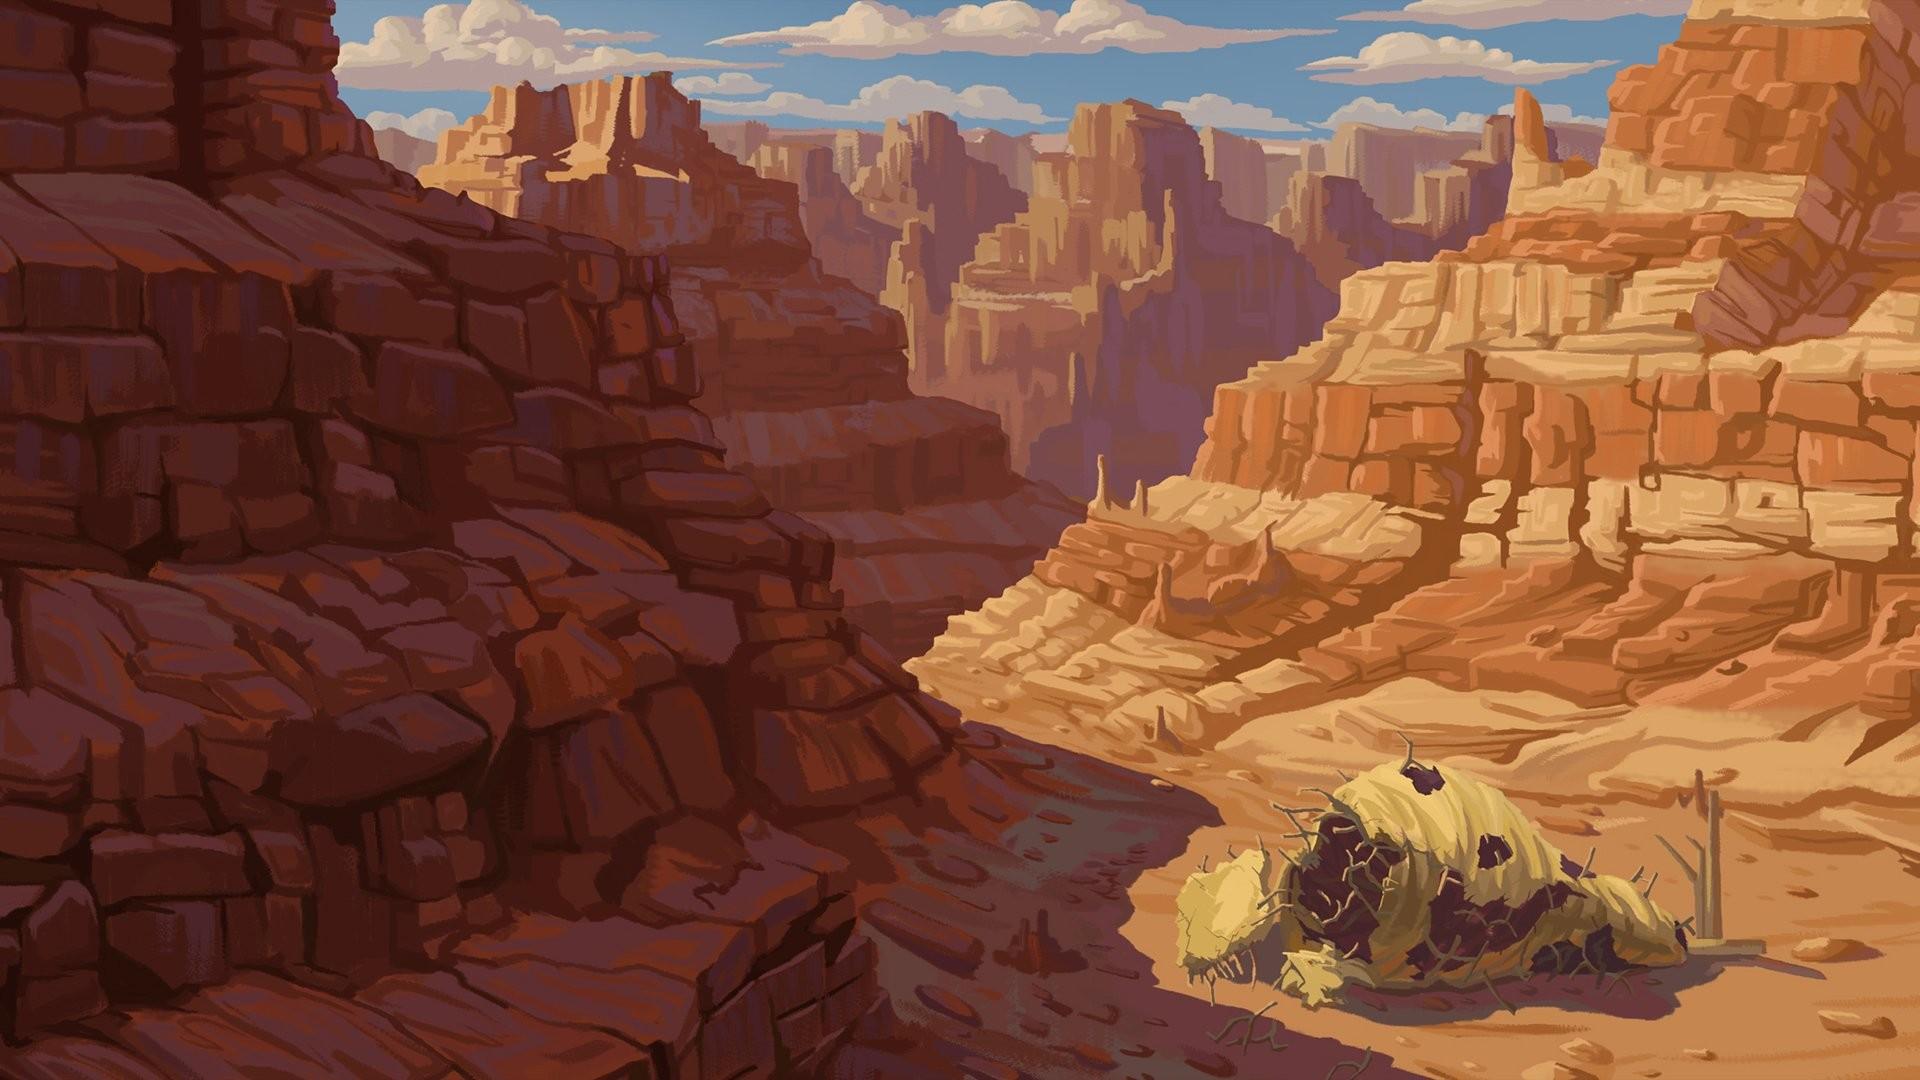 снимке, картинка схема джеллинека на фоне скалы позволяют следить состоянием